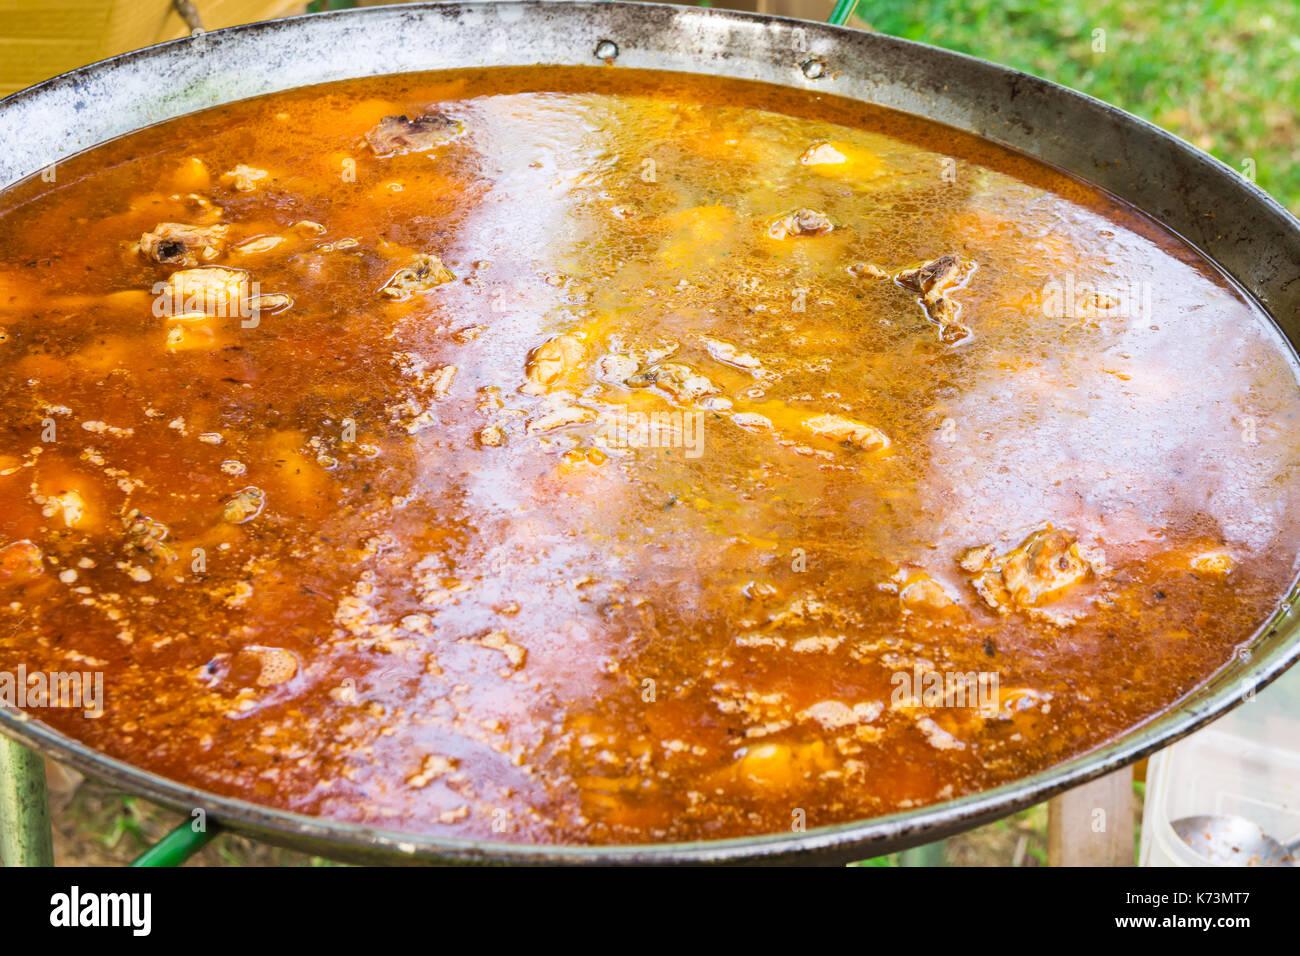 Processus de cuisson espagnol paella valencienne ou jambalaya dans grande télévision poêle. Ingrédients viande, riz, légumes, épices frémir dans un bouillon avec Banque D'Images